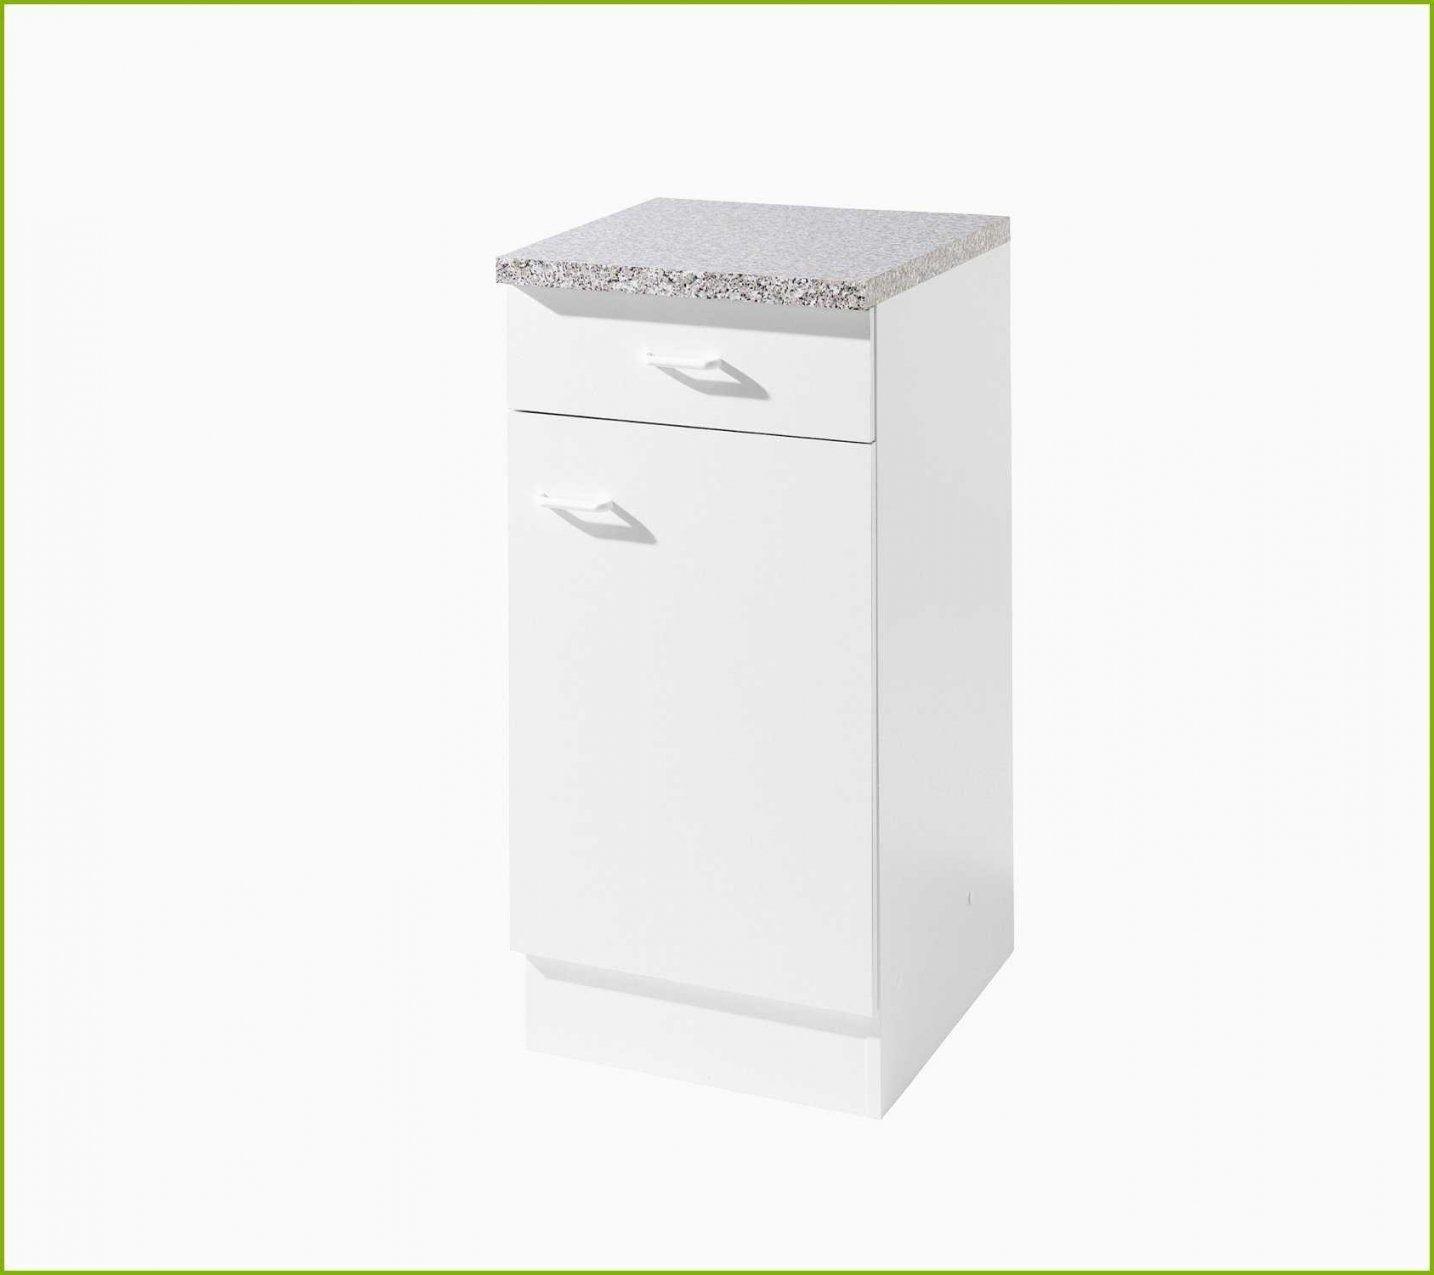 Küchenarbeitsplatte Roller: Küchenarbeitsplatte 70 Cm Breit